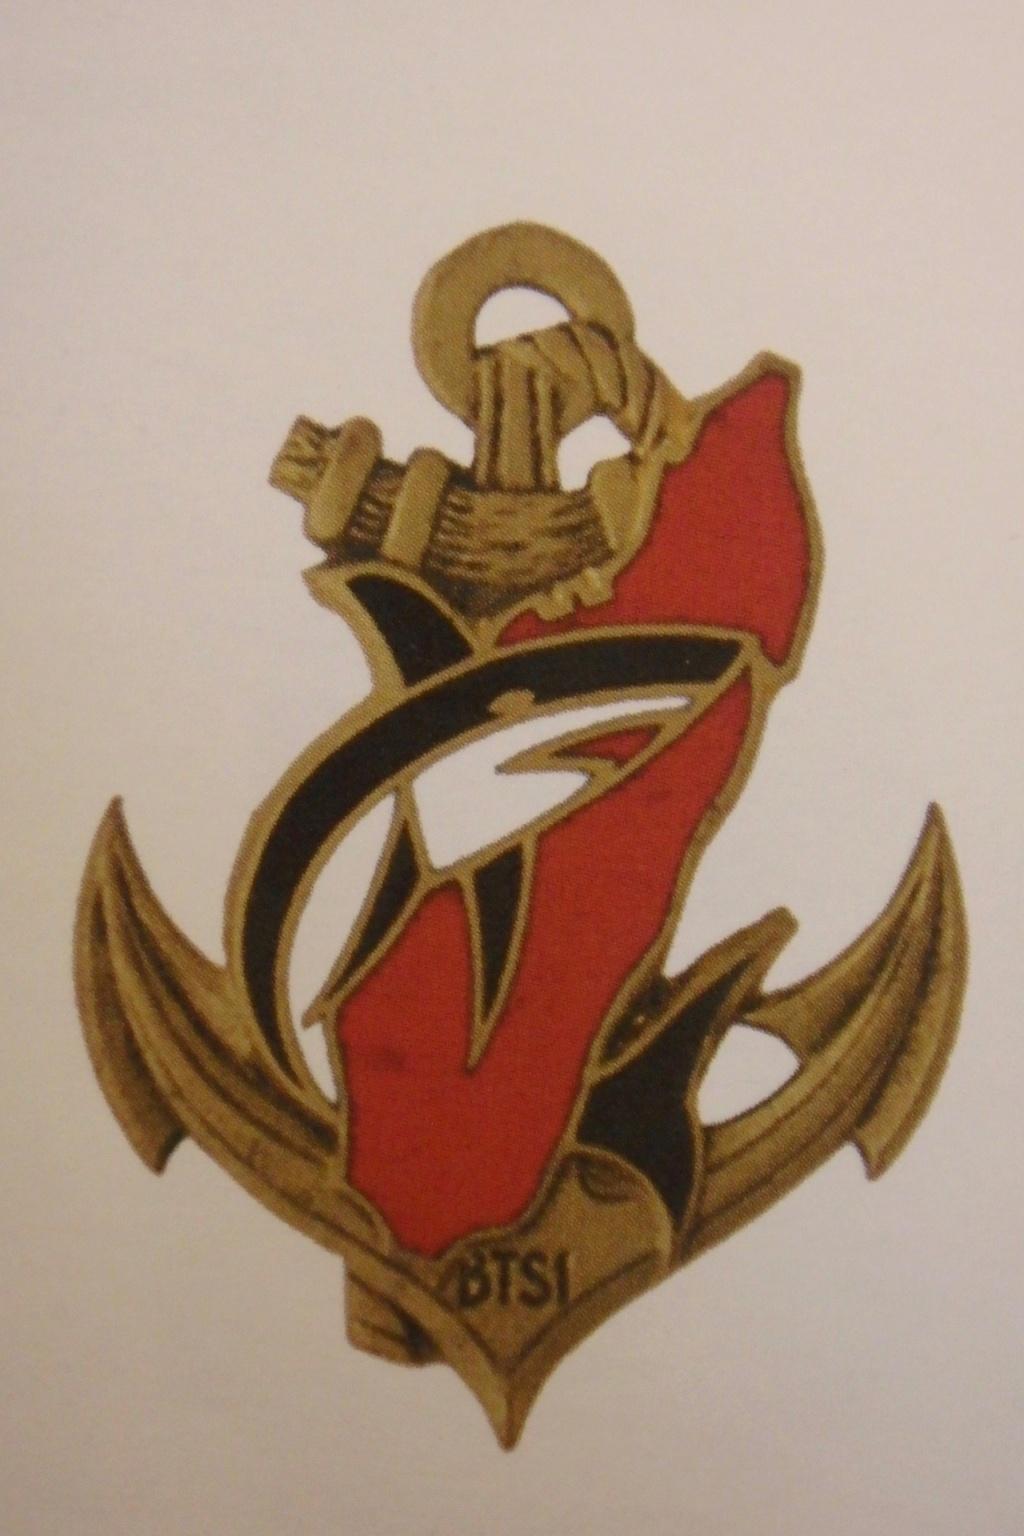 insigne et description troupe colonial Pb190010